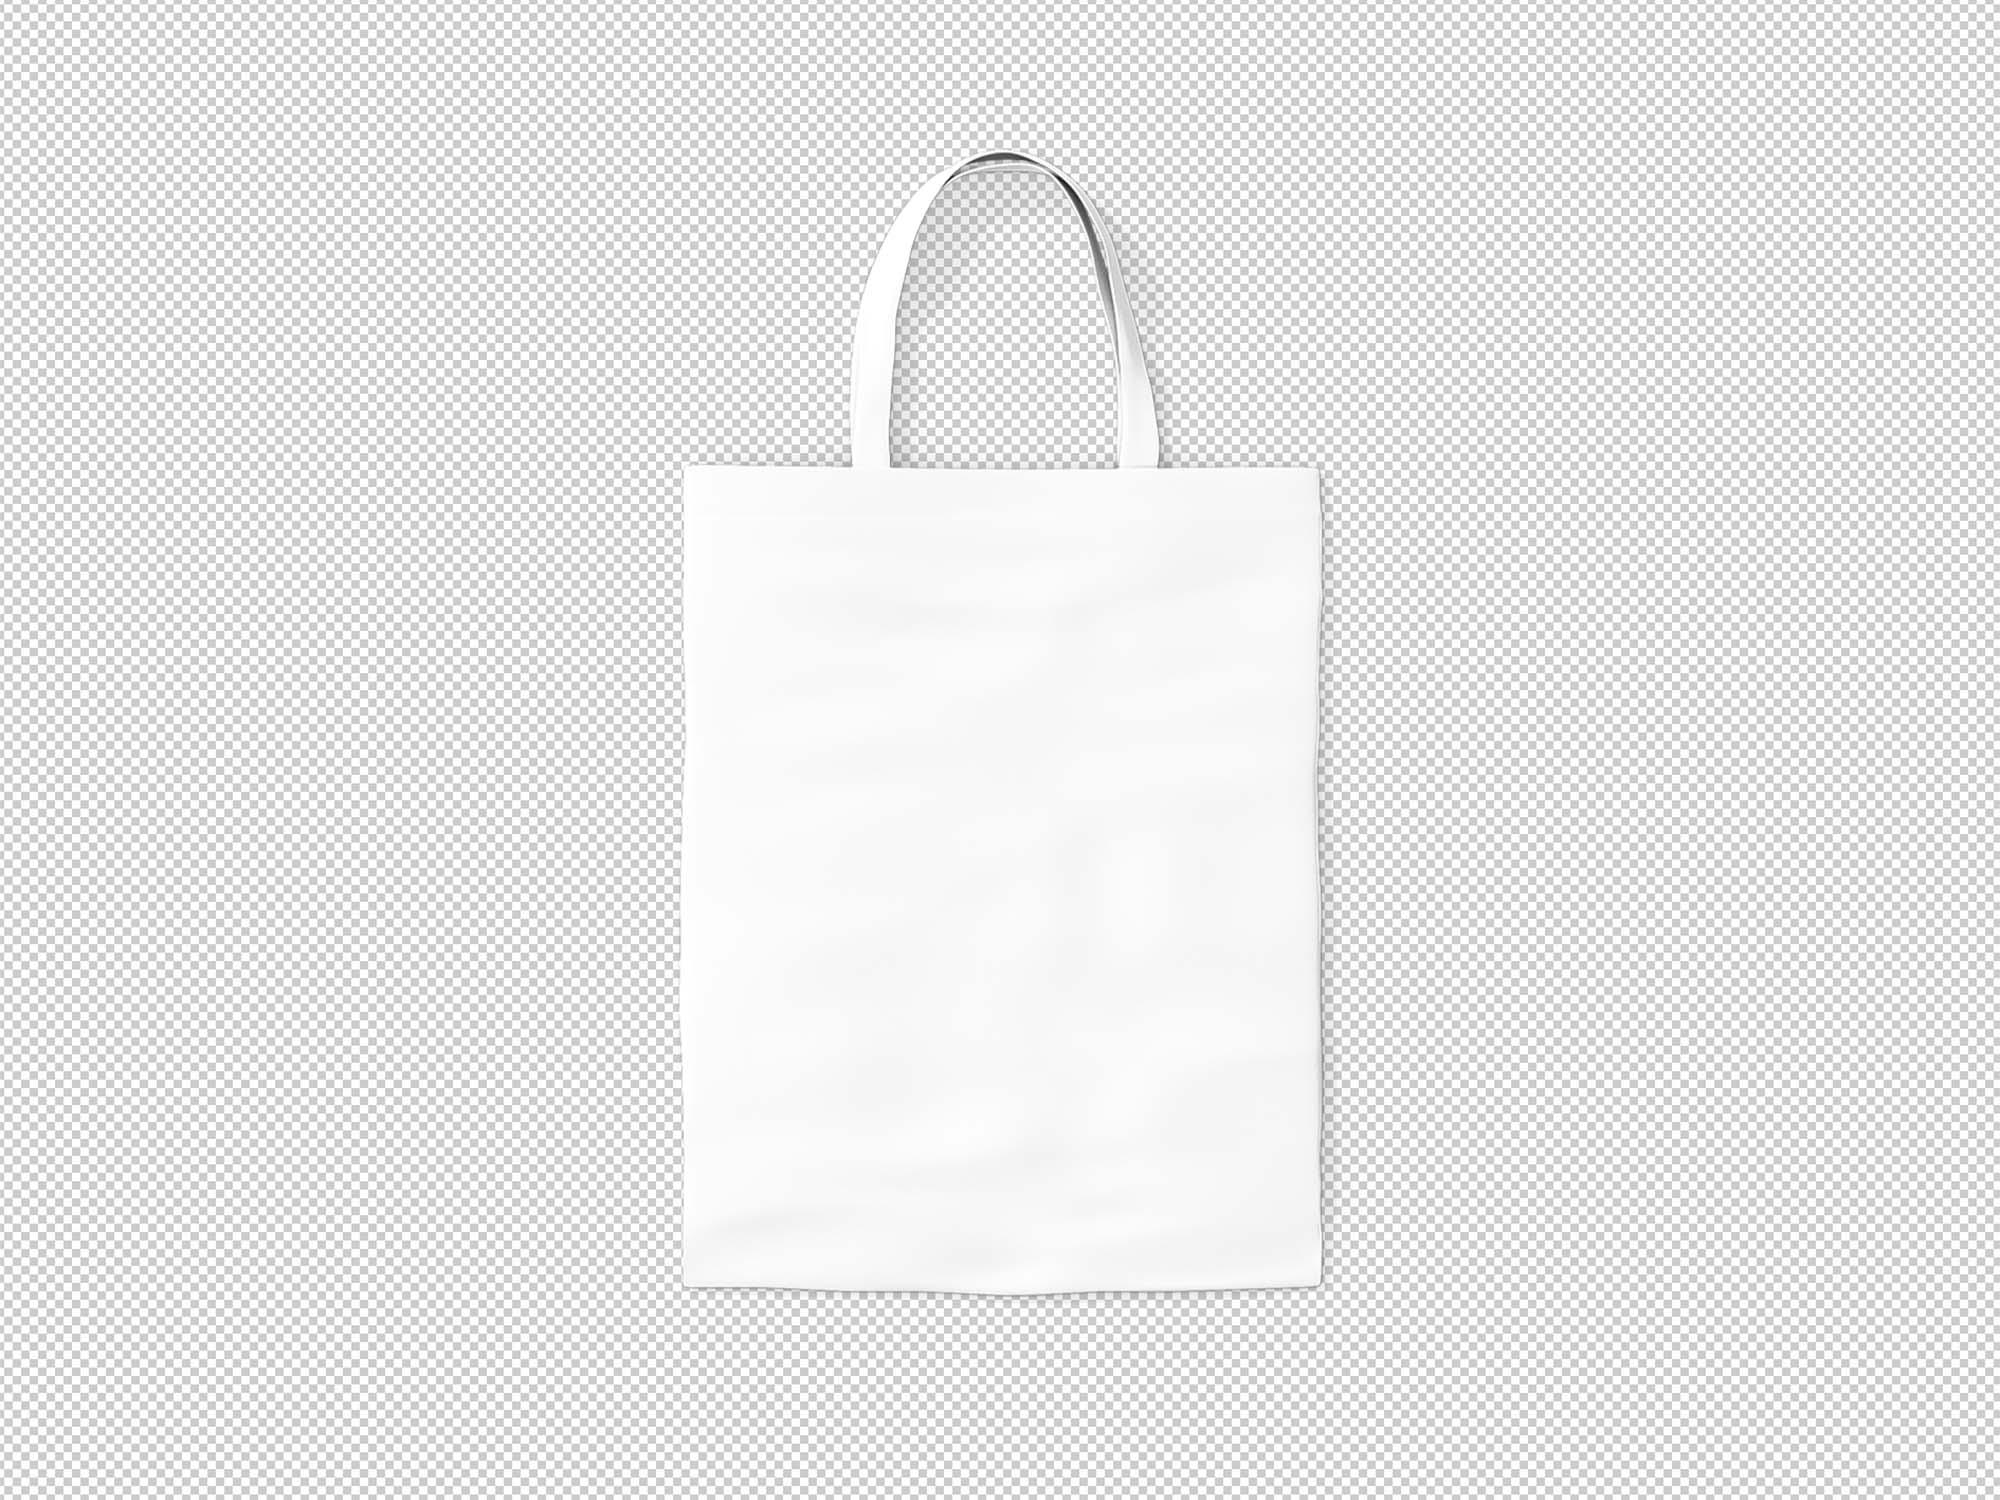 Download 2200+ royalty free shopping bag mockup vector. Free Tote Bag Mockup Psd